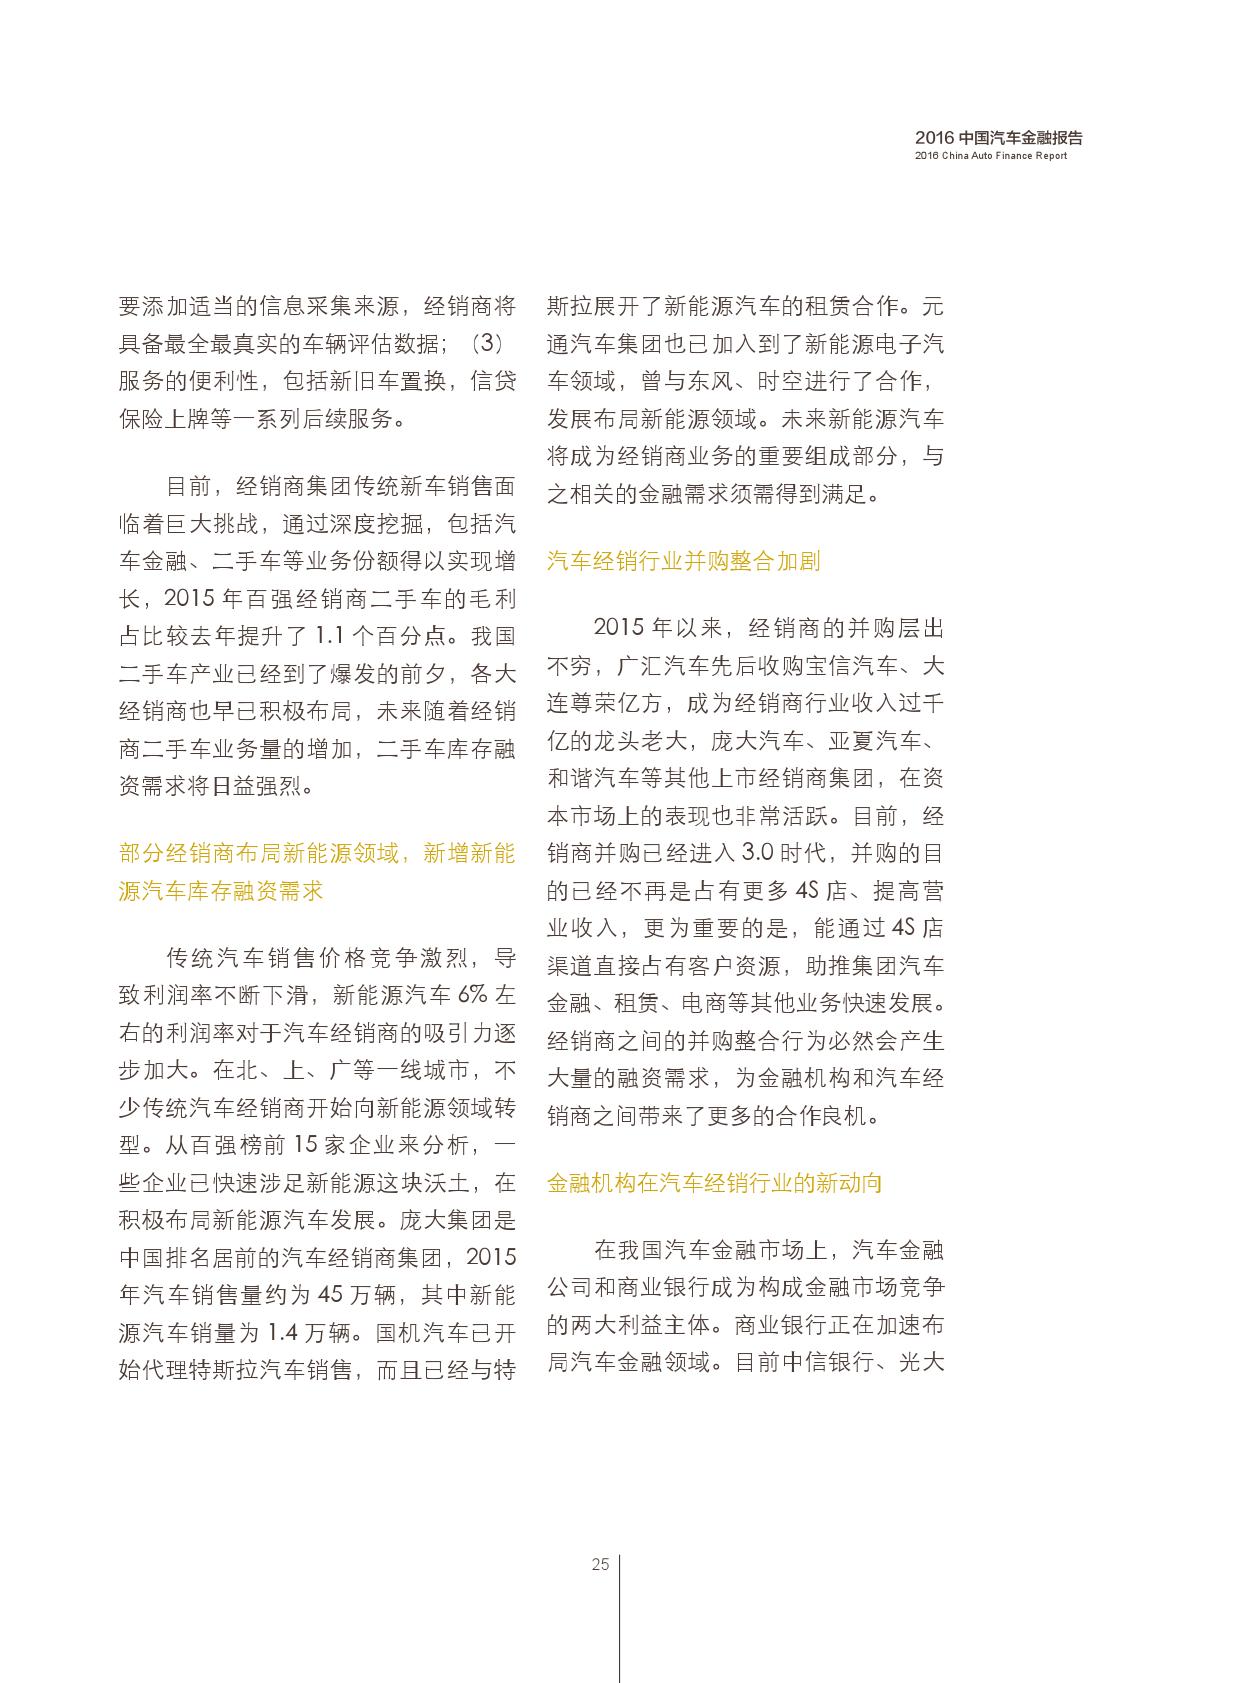 2016中国汽车金融报告_000026